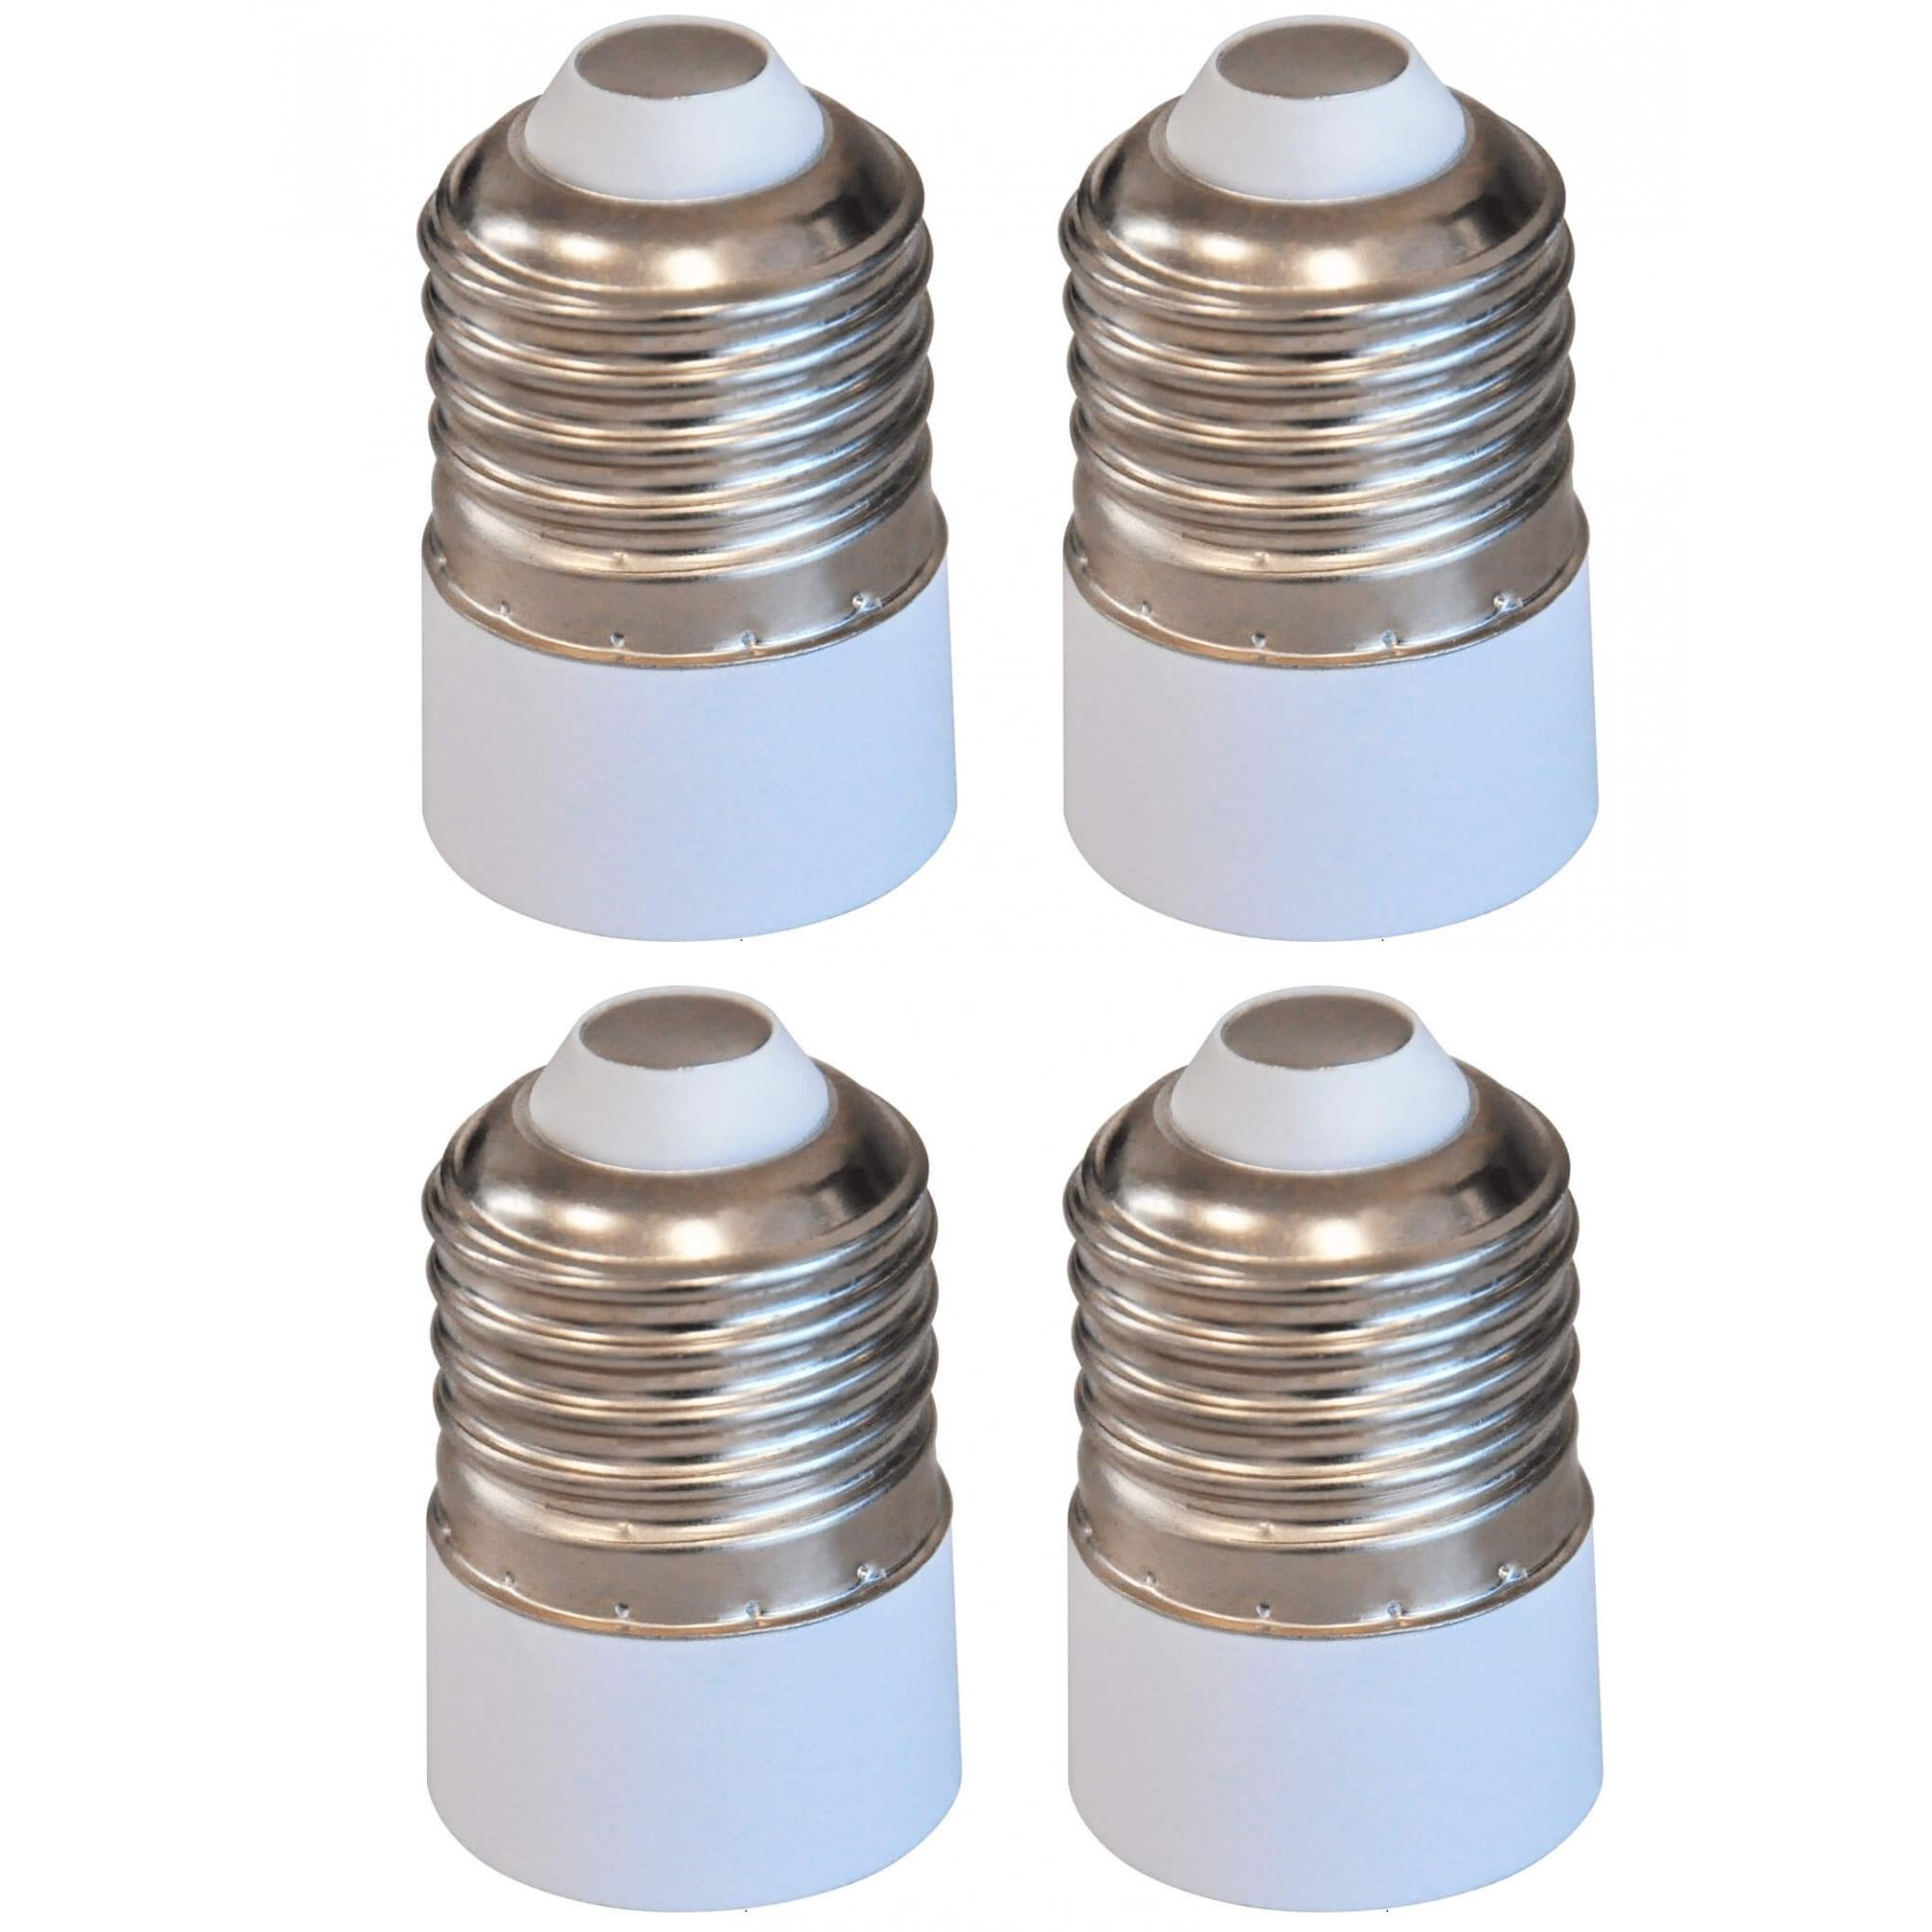 Kit 4 Adaptadores Soquete Bocal E27 Para E14